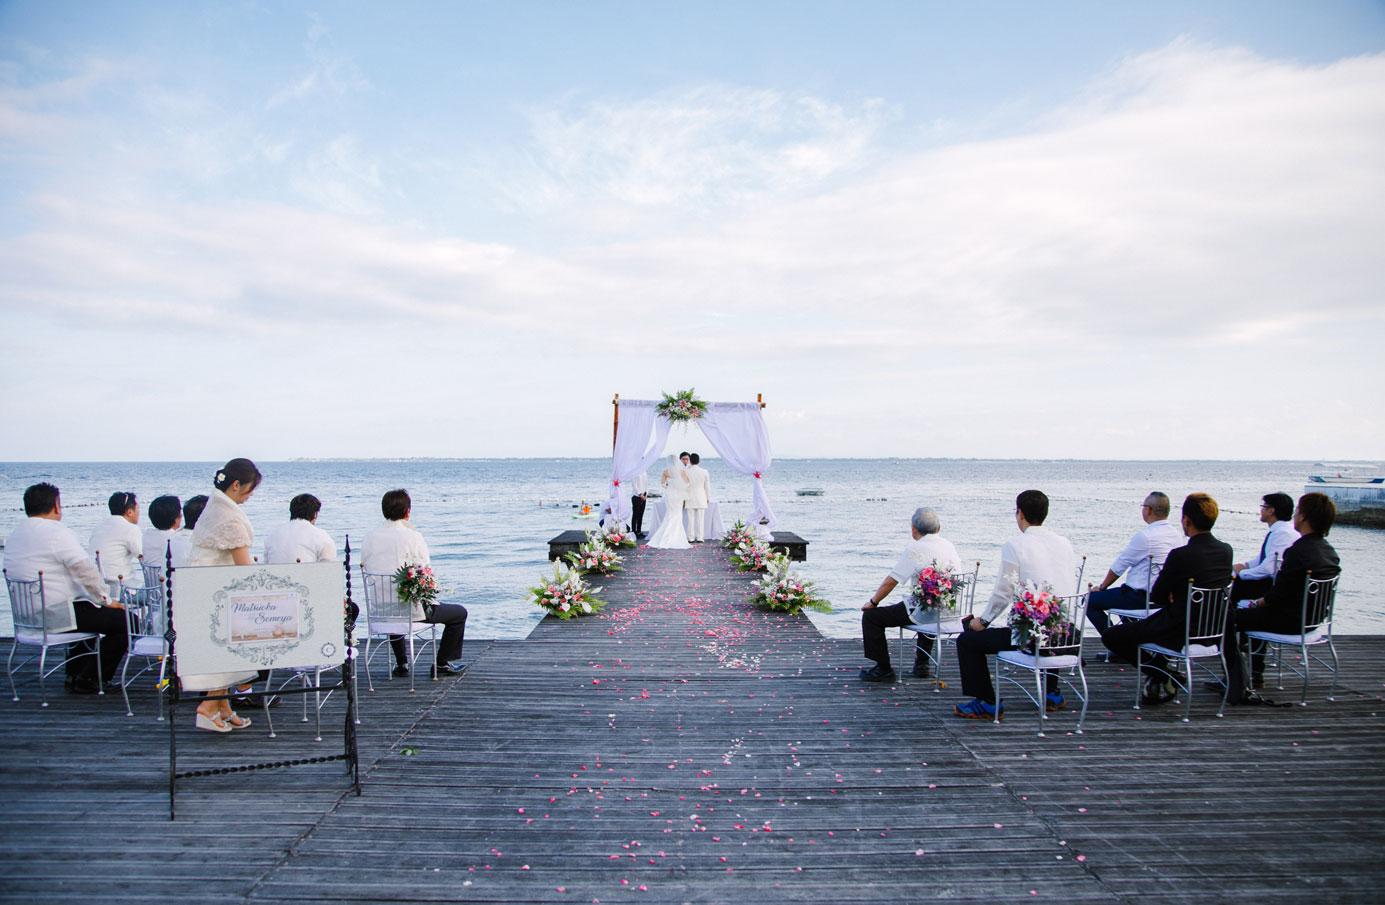 セブ島結婚式 セブウエディング セブシャトーバイザシー